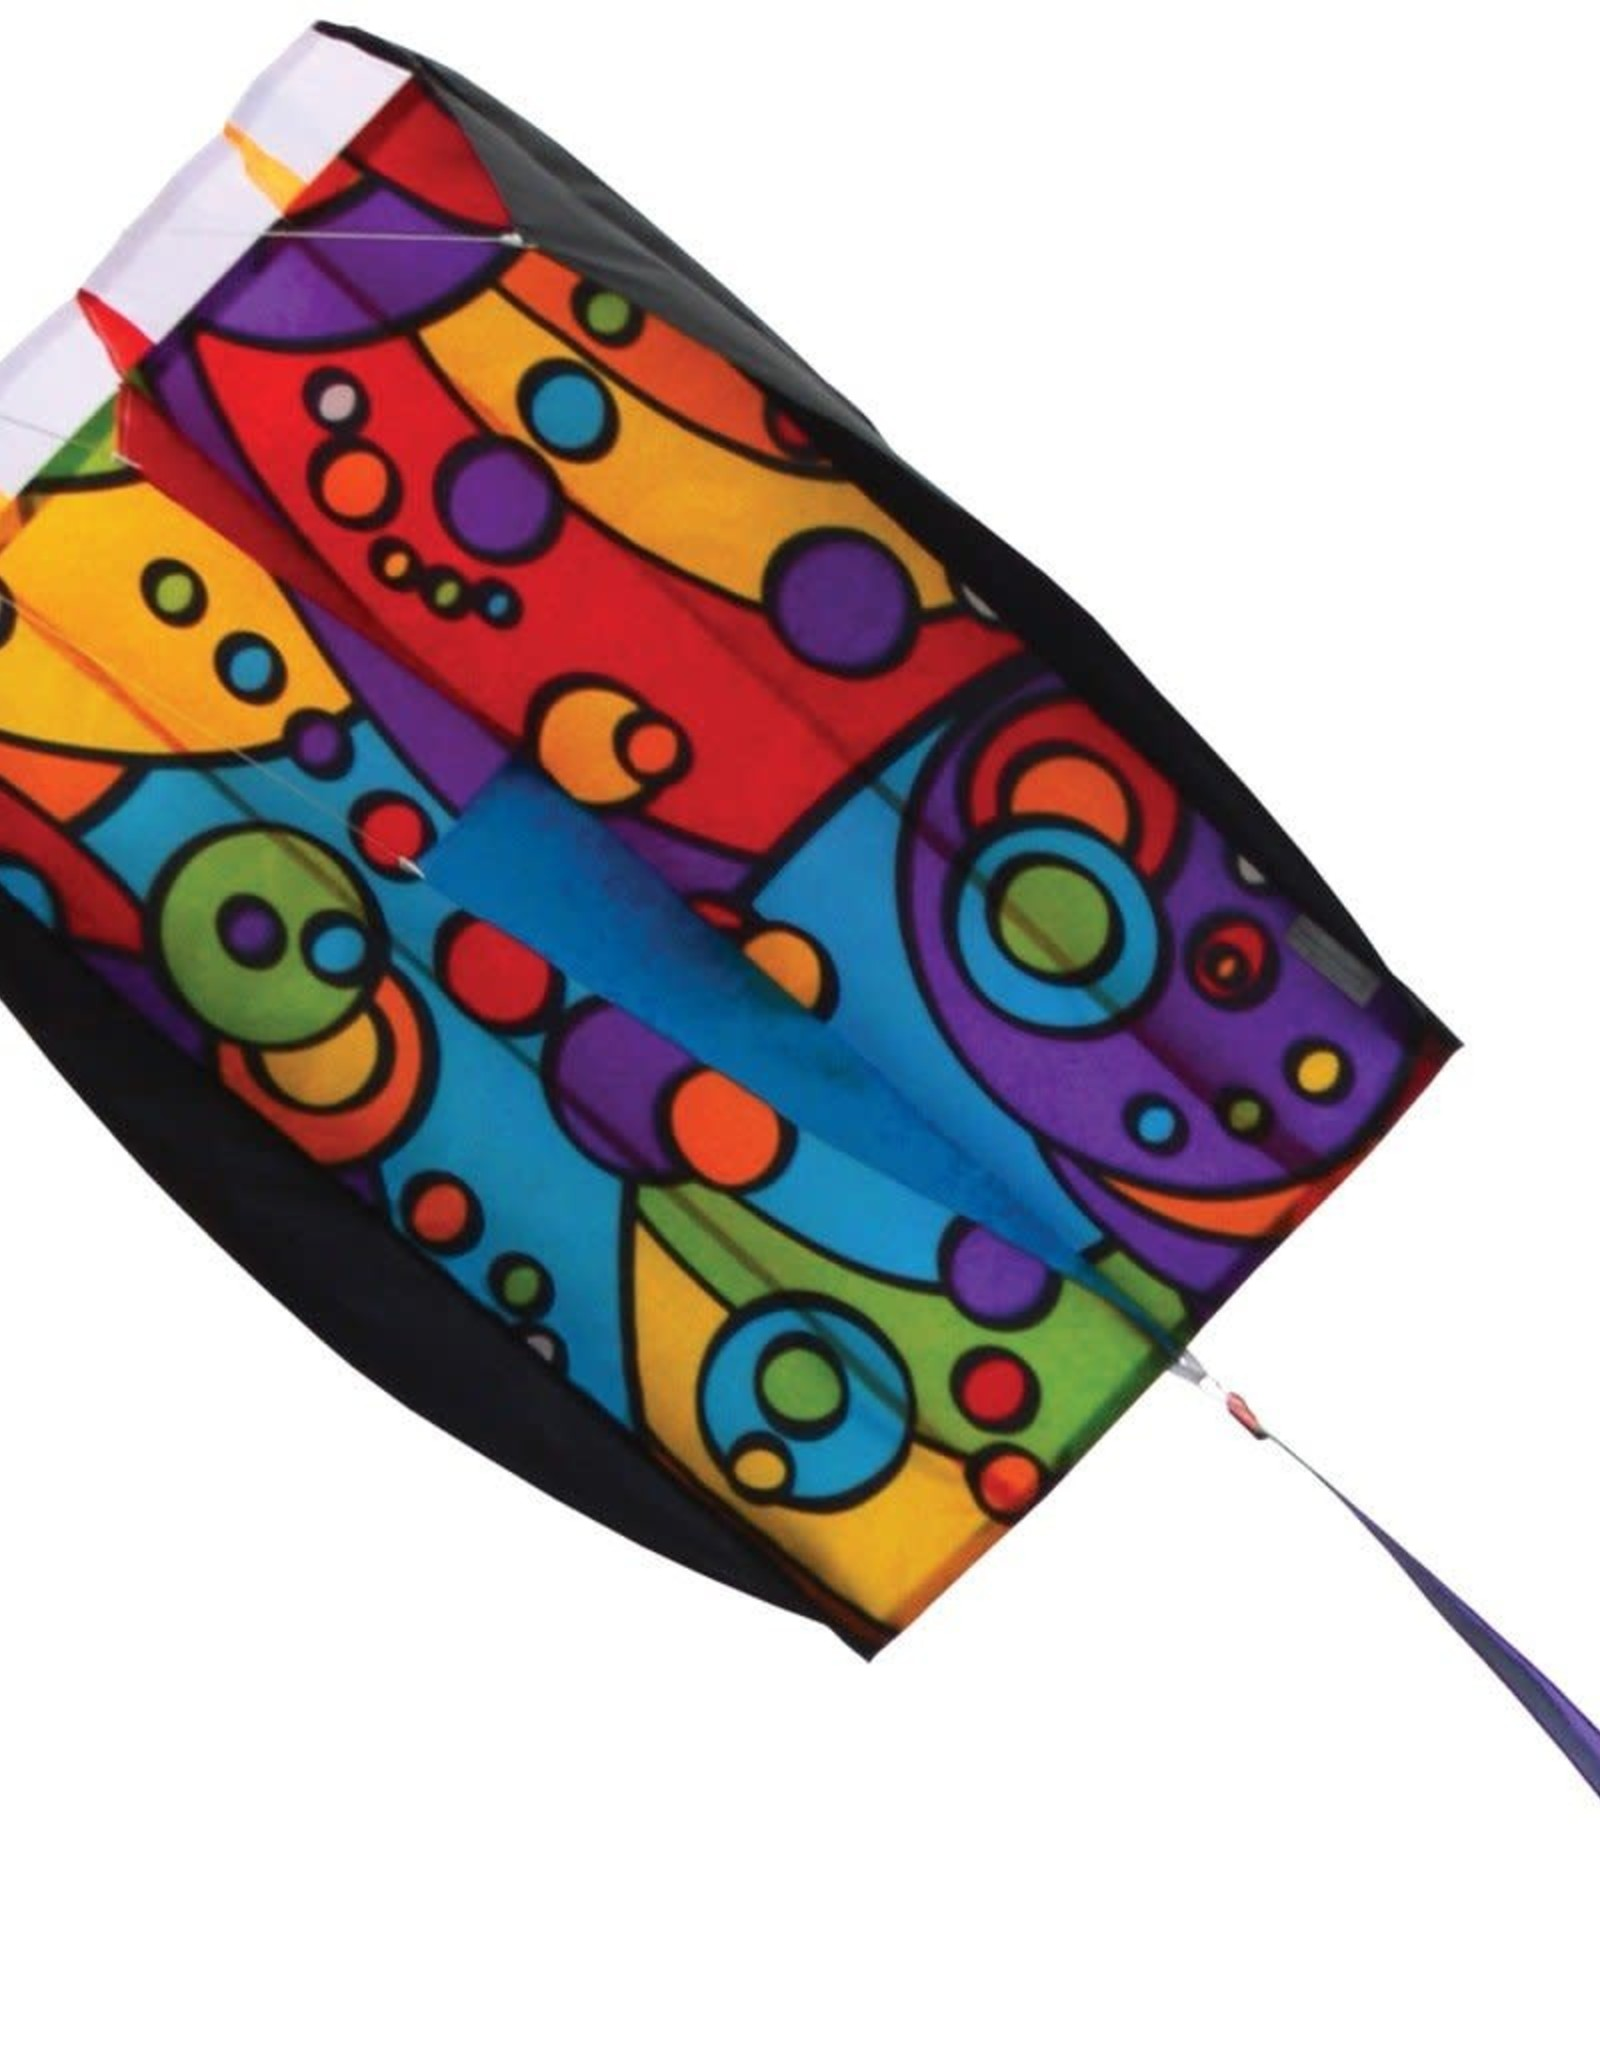 Premier Kites PARAFOIL 5 - RB ORBIT